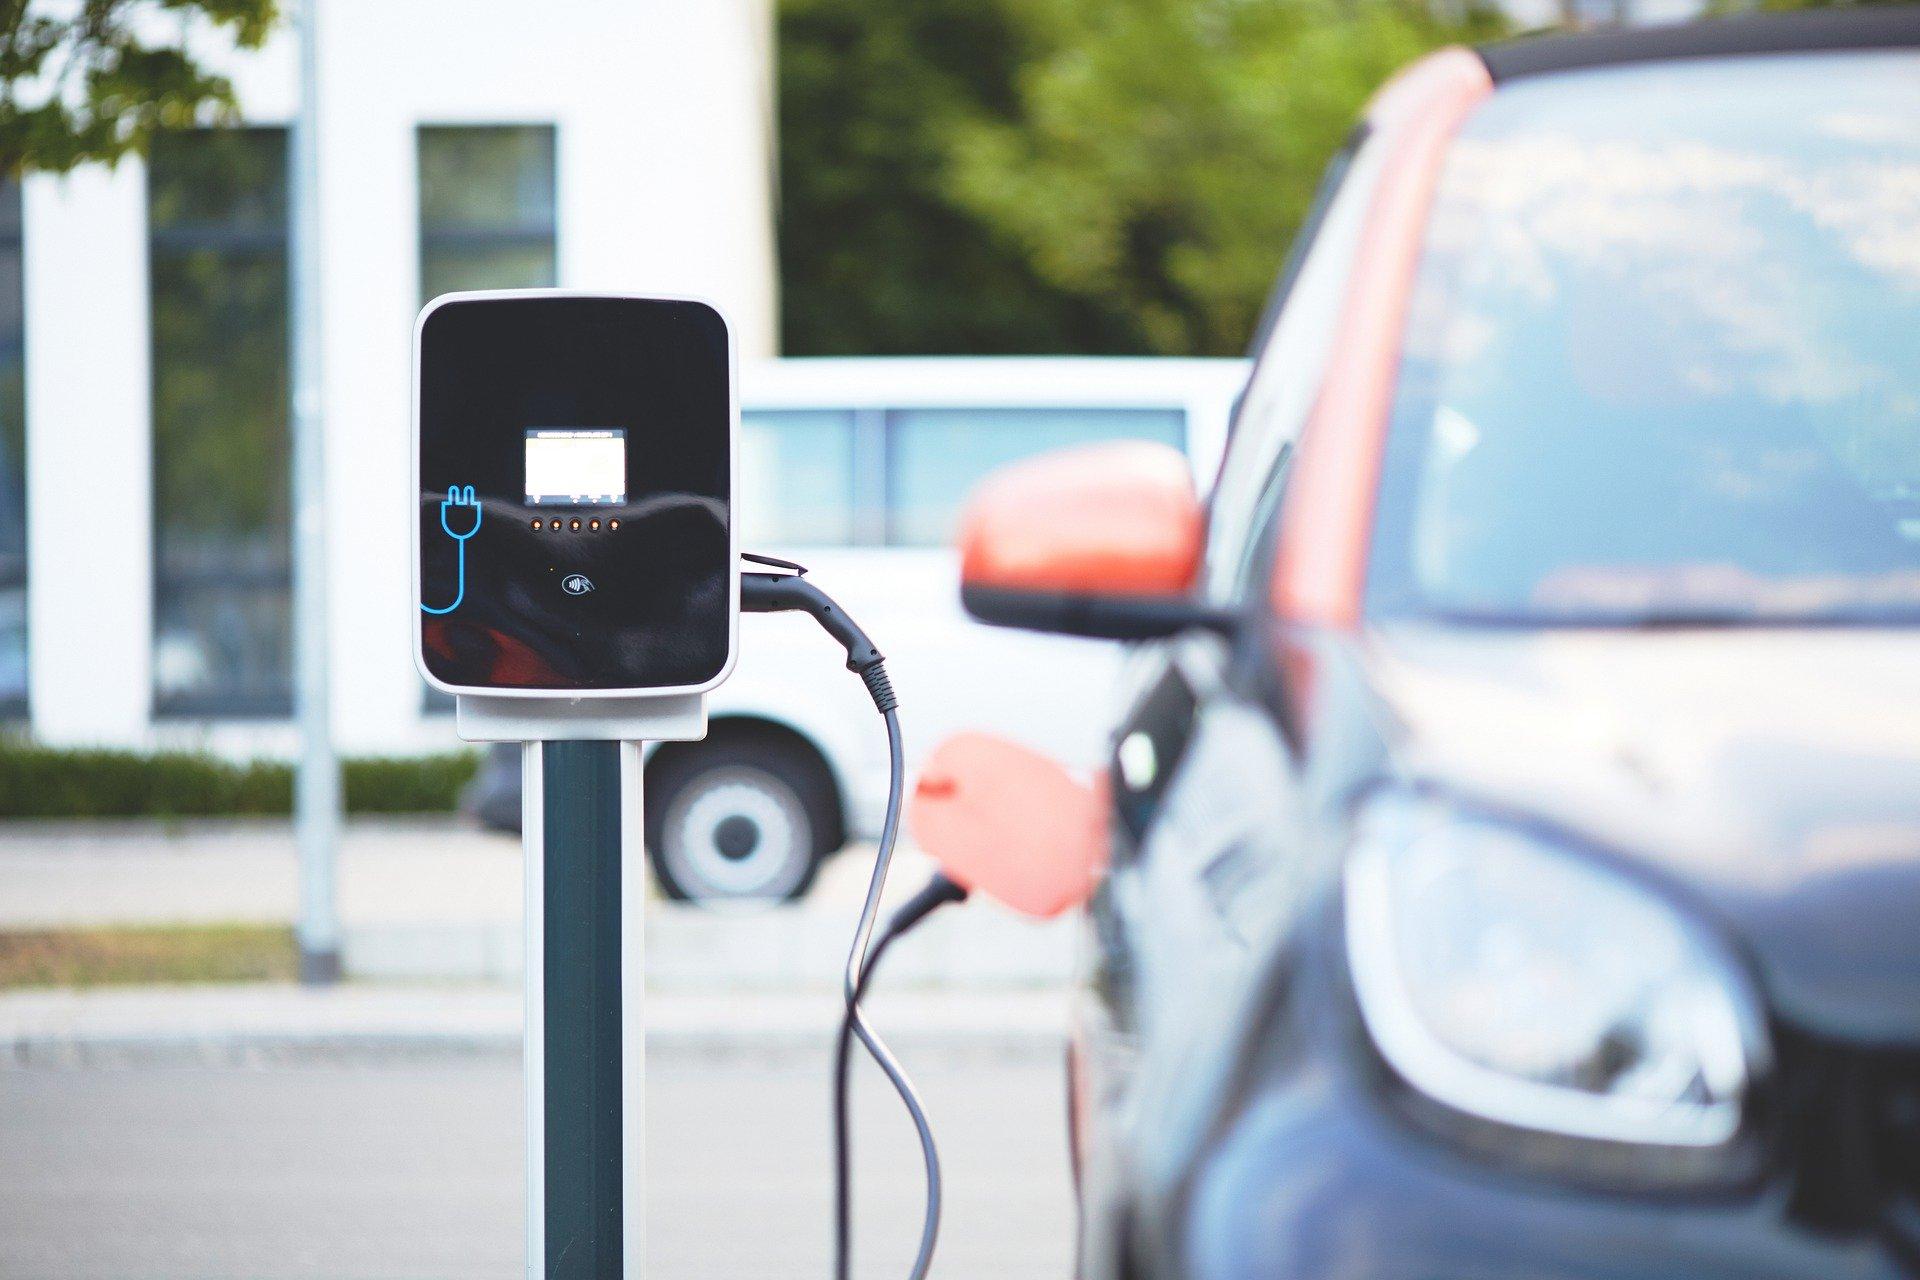 voitures électriques - BORNE RECHARGE - ELECTRICIEN ANNECY - RUMILLY - AIX LES BAINS